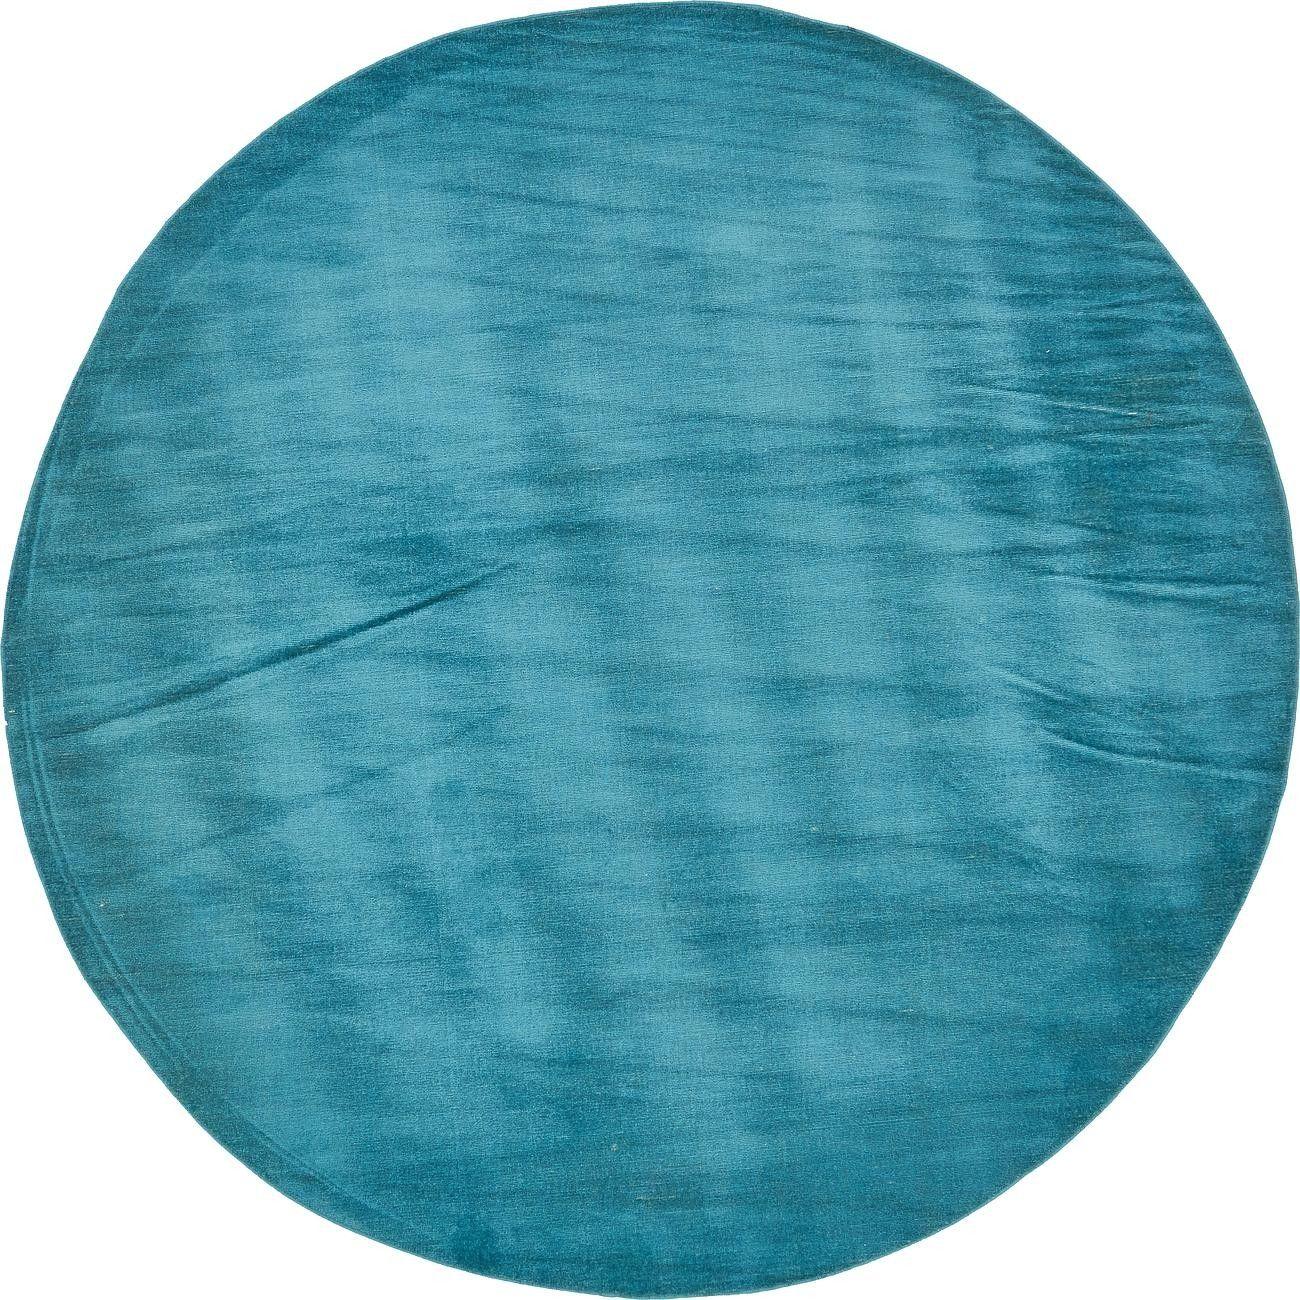 Kyree Teal Area Rug Blue Area Rugs Area Rugs Round Area Rugs